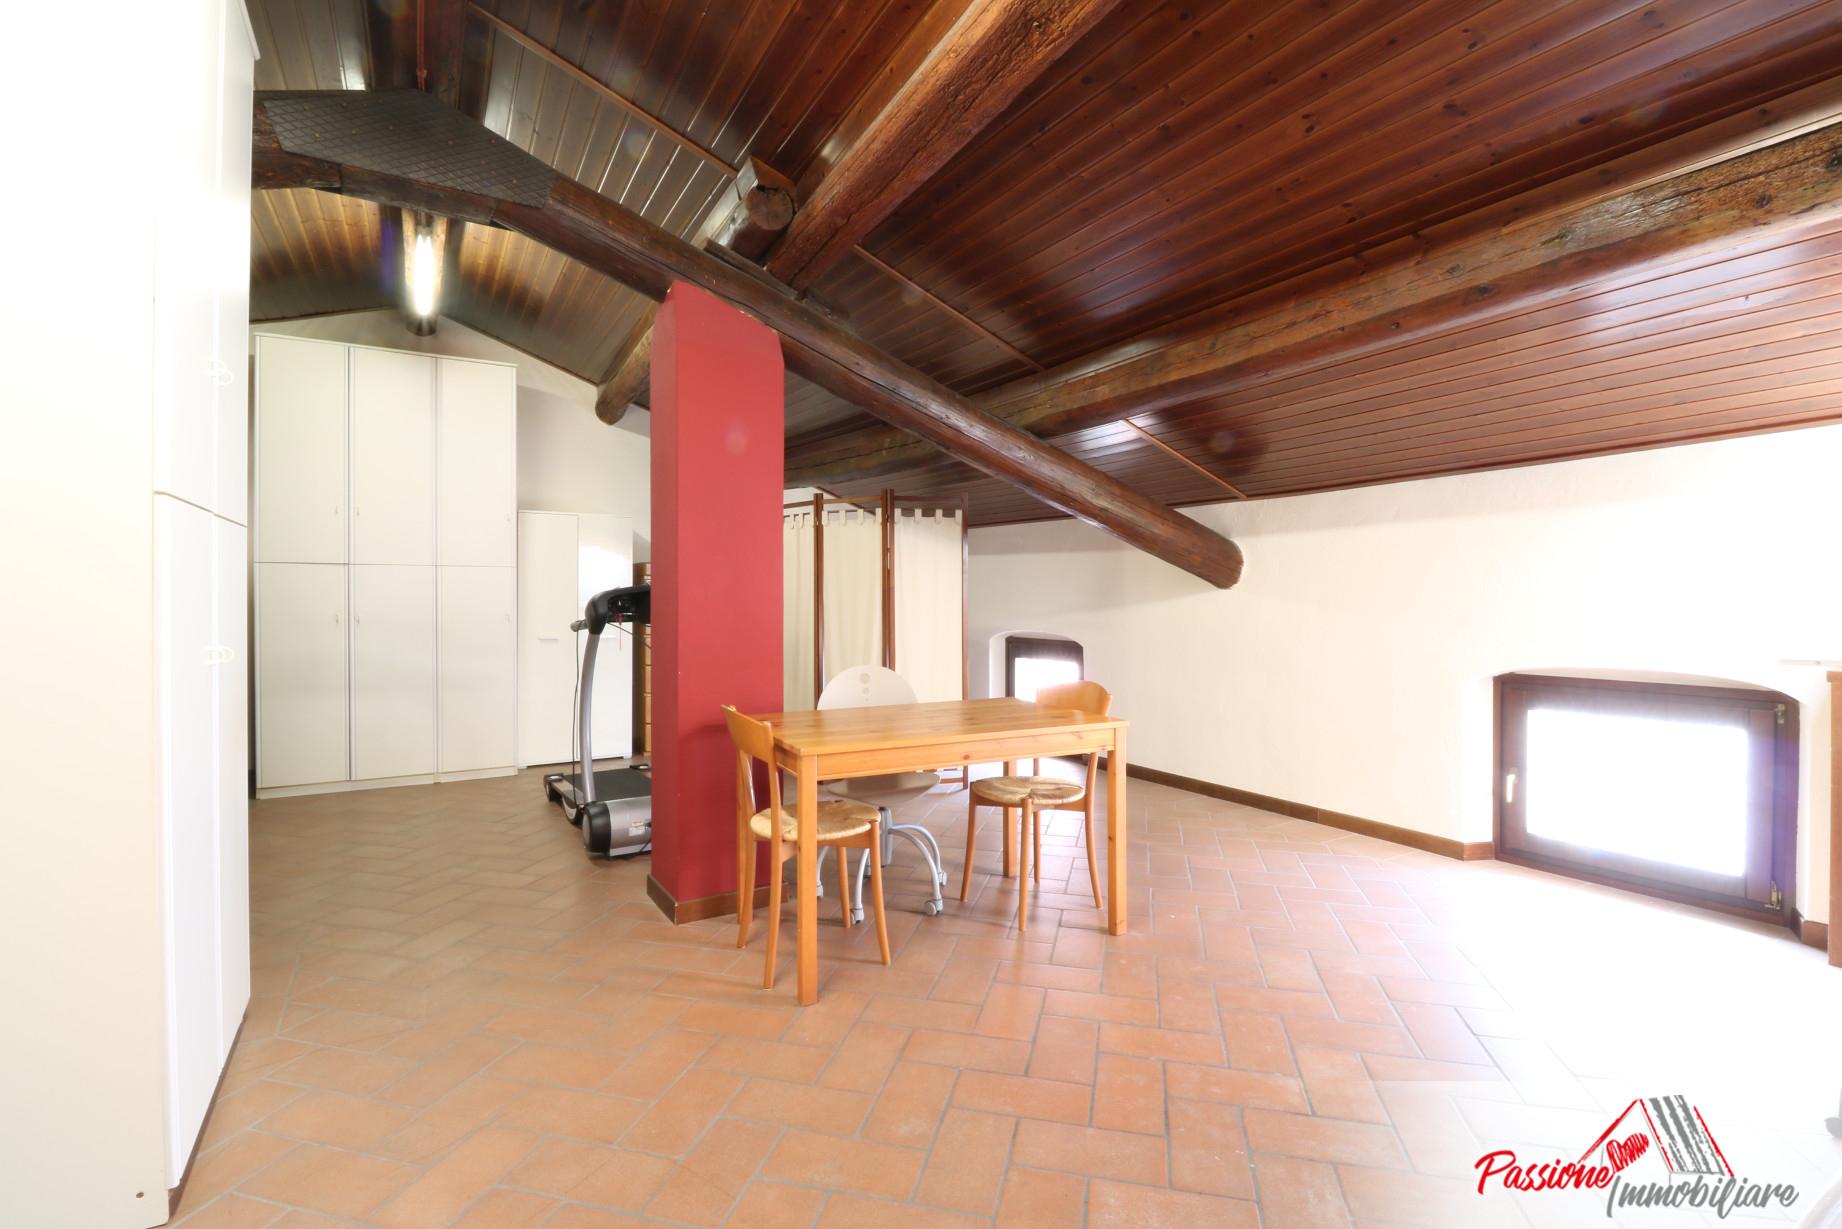 Rustico in vendita a Vigasio – Passione Immobiliare Verona